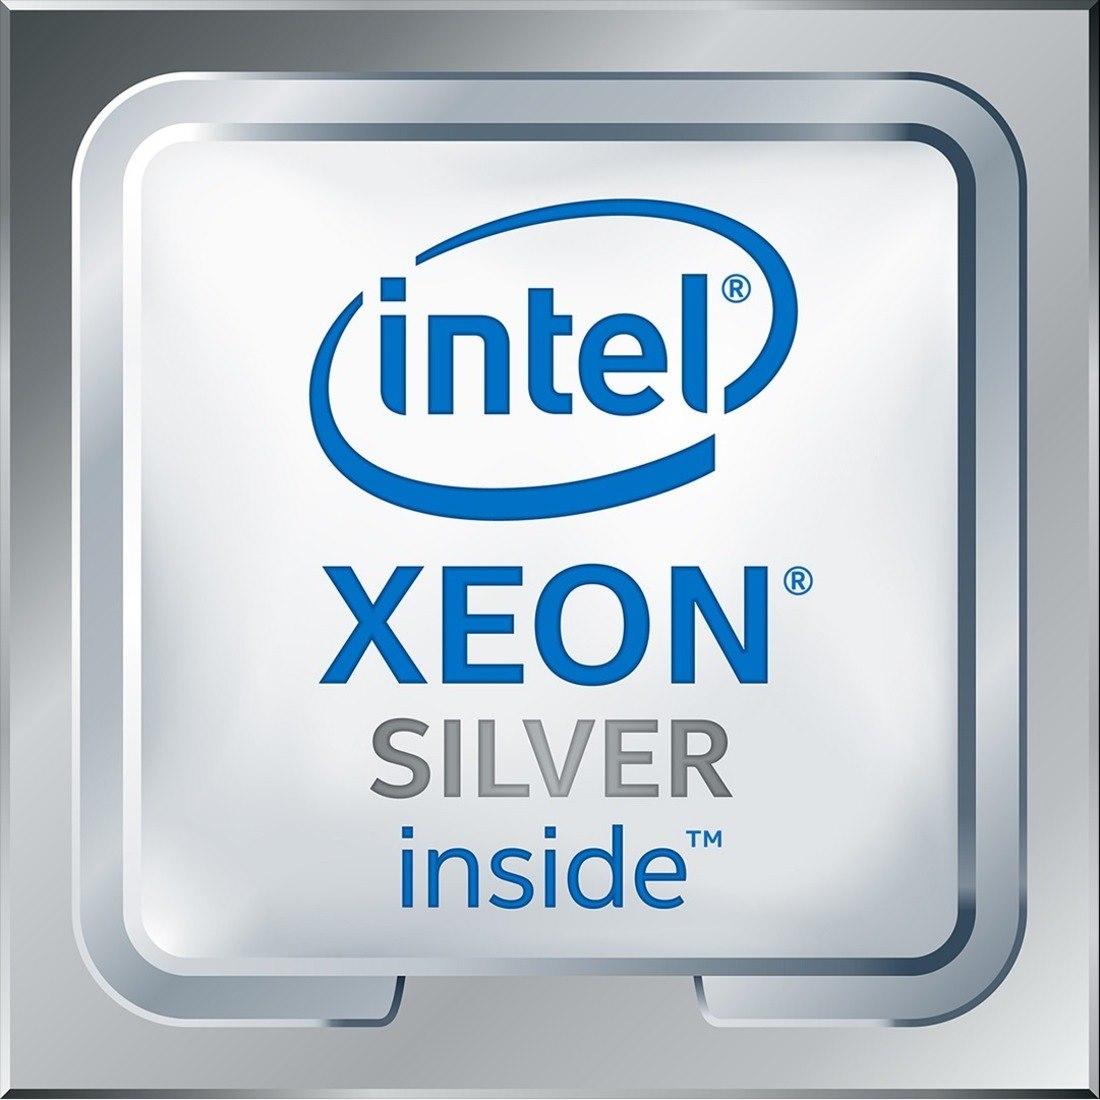 Lenovo Intel Xeon Silver 4208 Octa-core (8 Core) 2.10 GHz Processor Upgrade